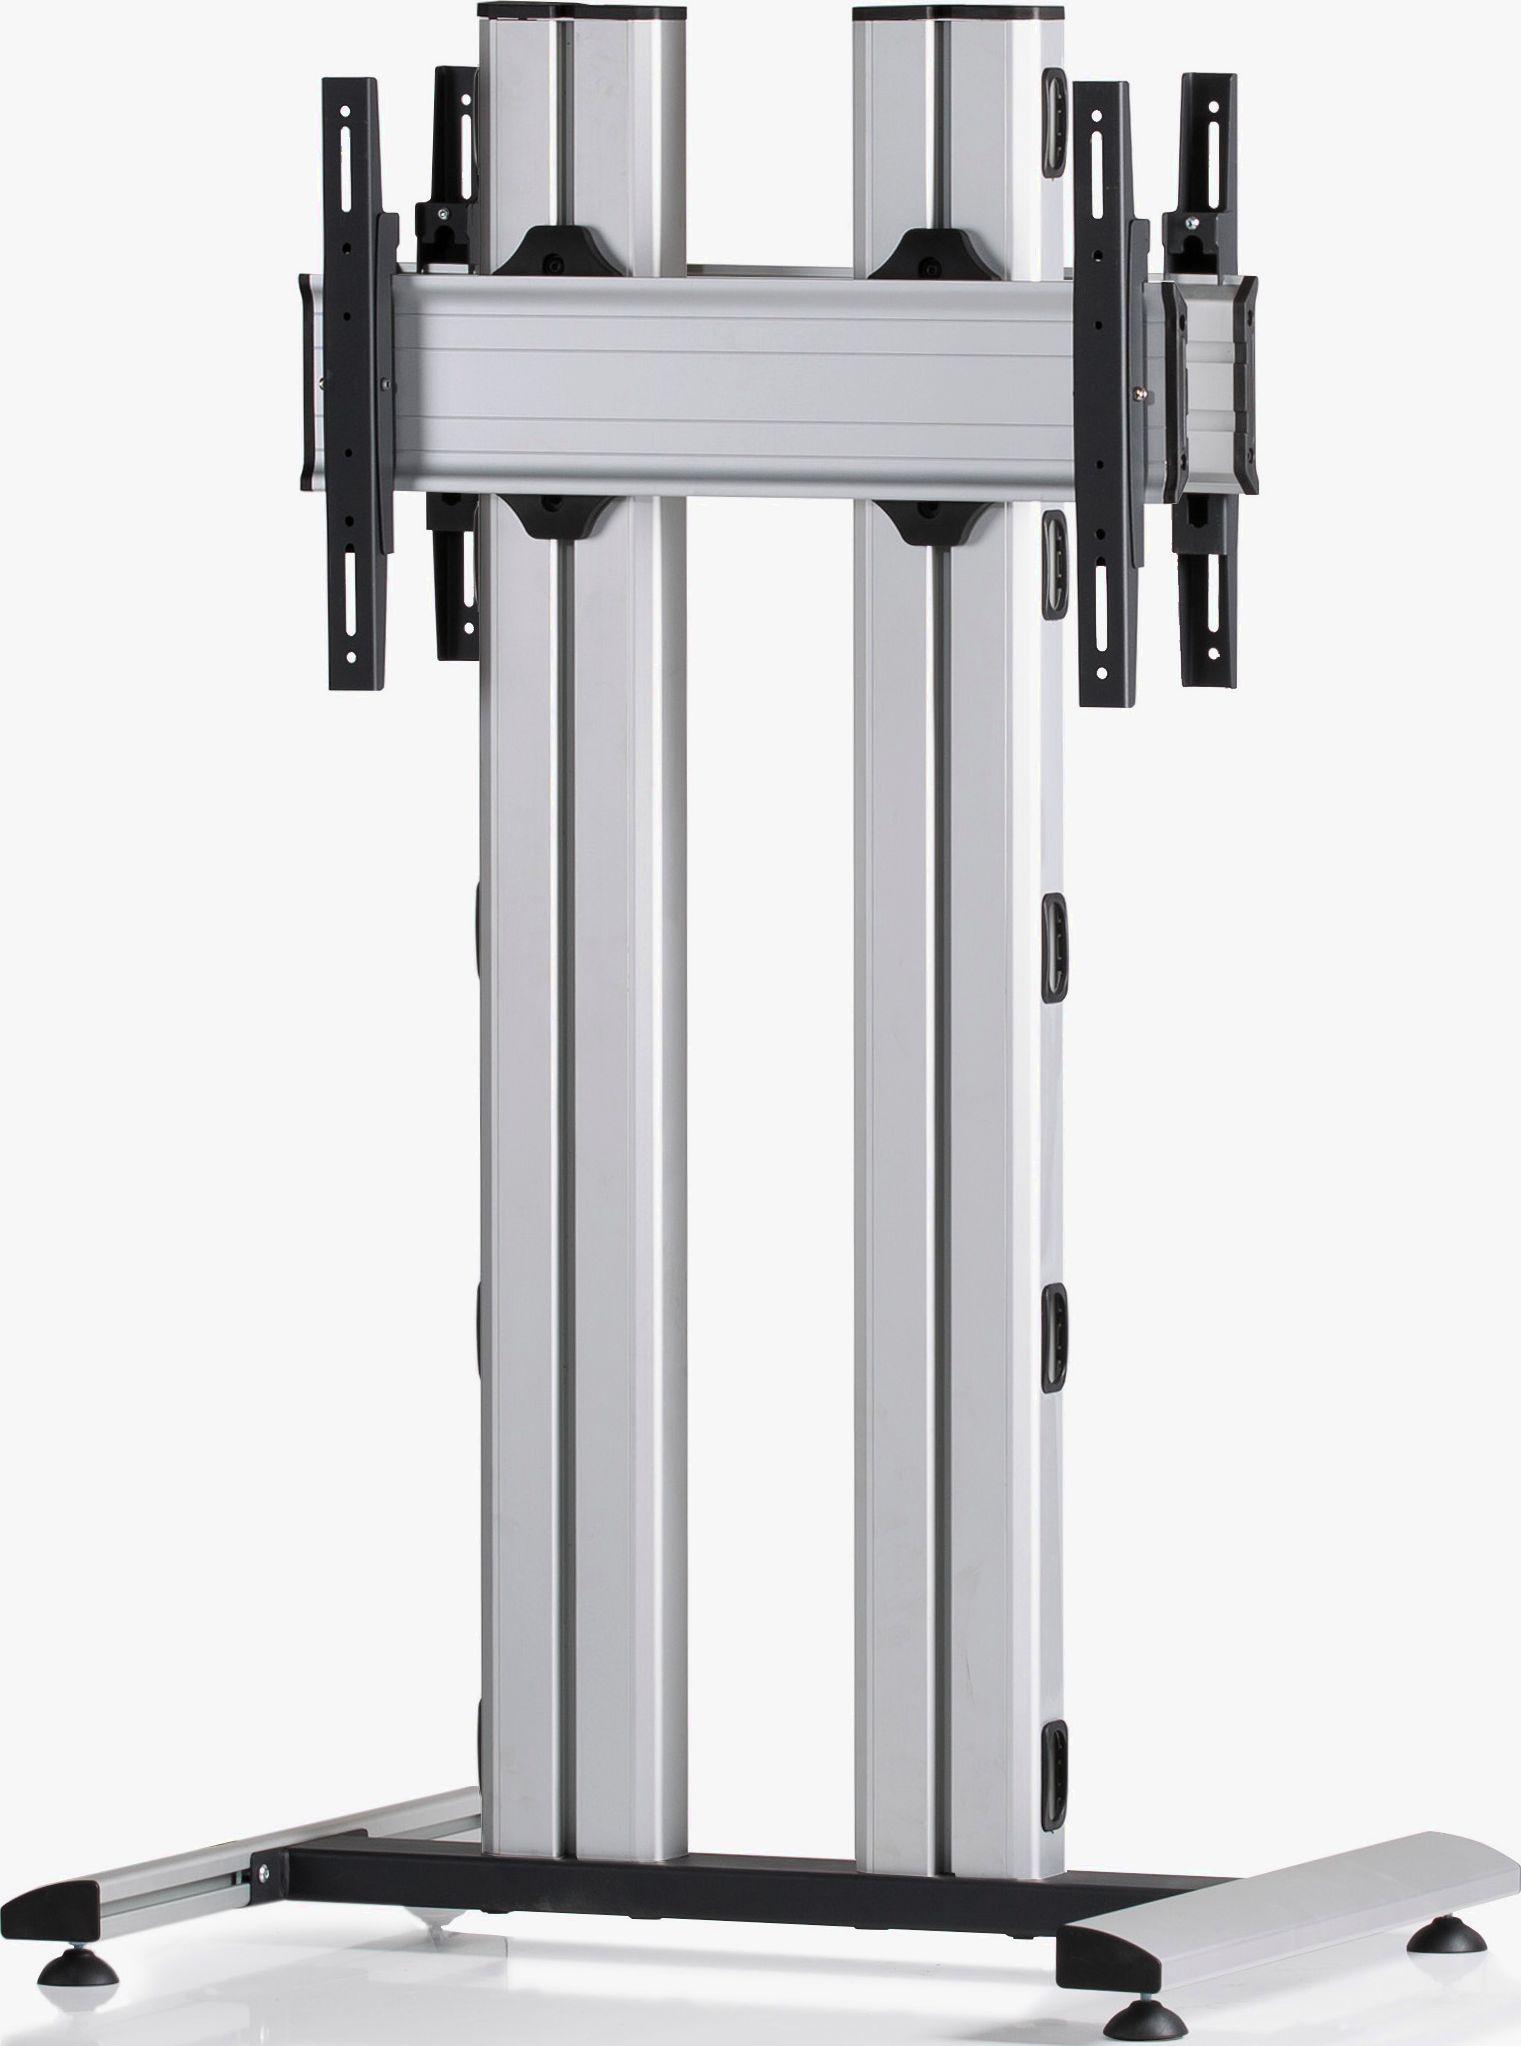 2 Displays 1×1 beidseitig, für große Bildschirme, Höhe 135 cm, Standard-VESA, auf Standfuß